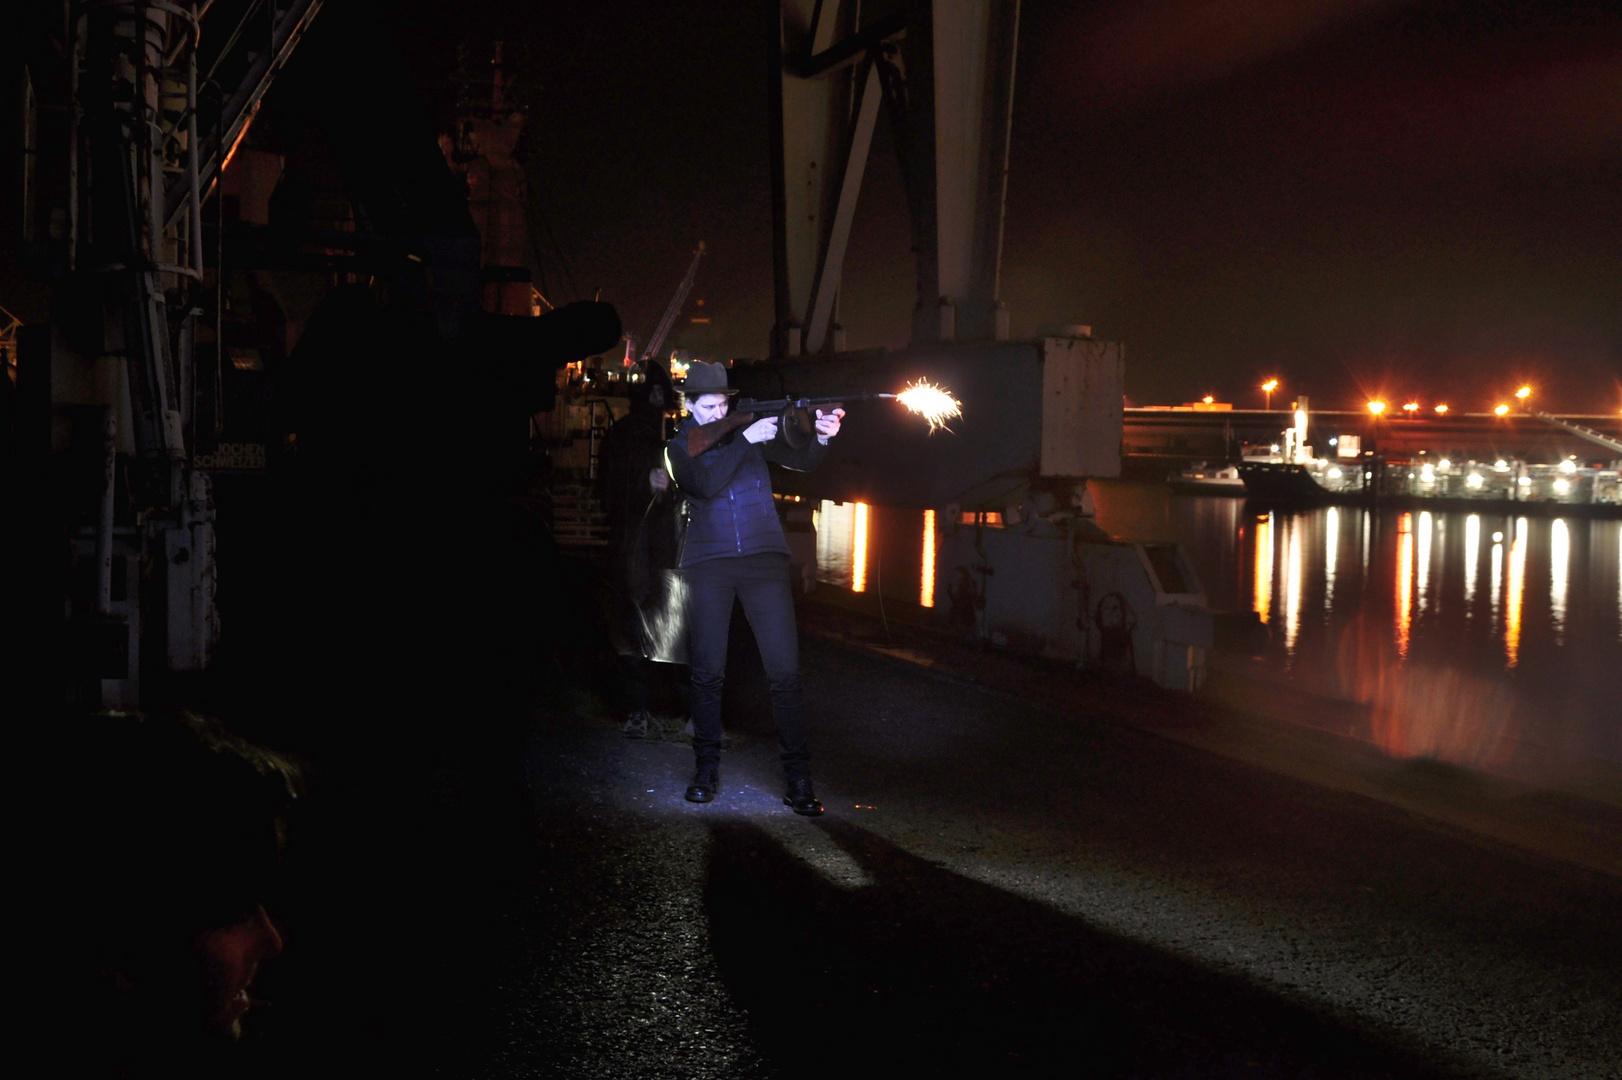 Gewehrfeuer im Hafen, Choreographische Fotographie